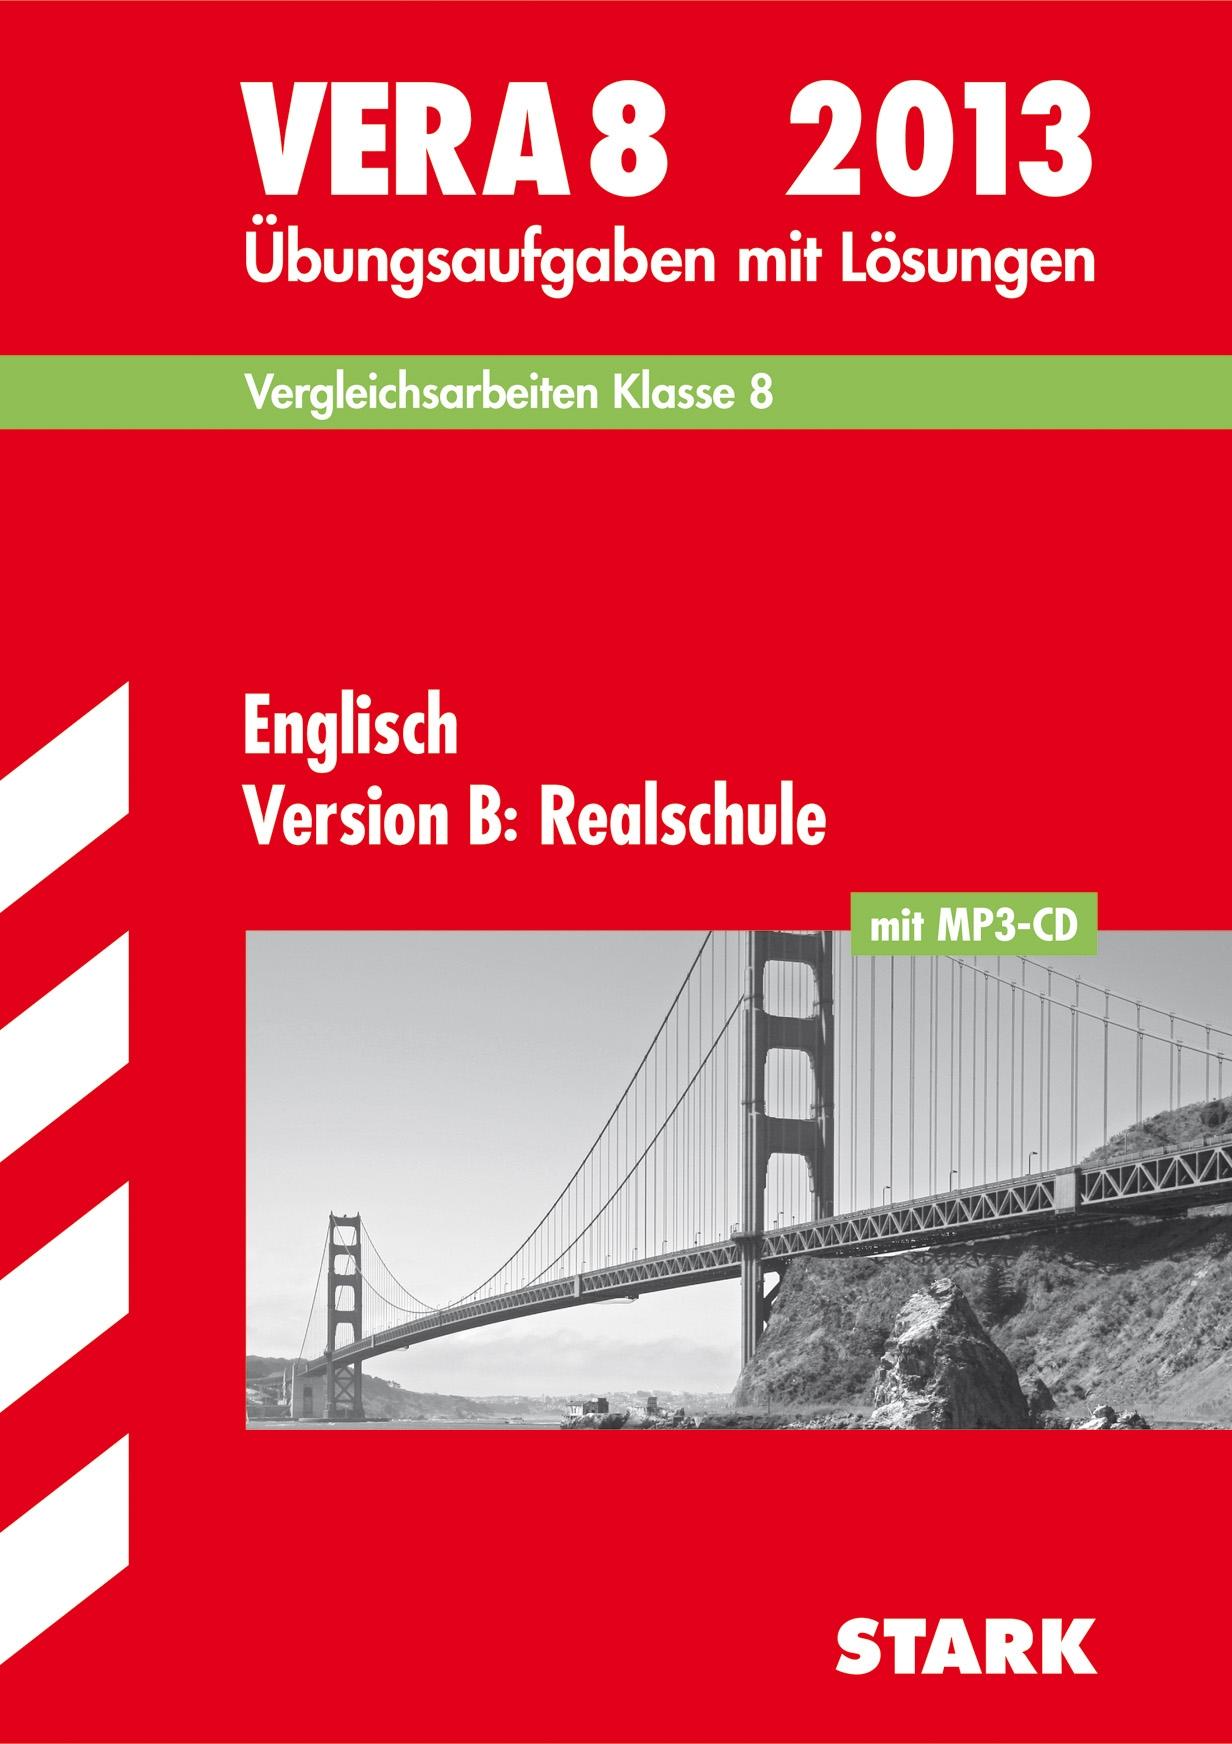 Vergleichsarbeiten VERA 8. Klasse; VERA 8 Englisch Version B: Realschule mit MP3-CD 2013; Übungsaufgaben mit Lösungen.